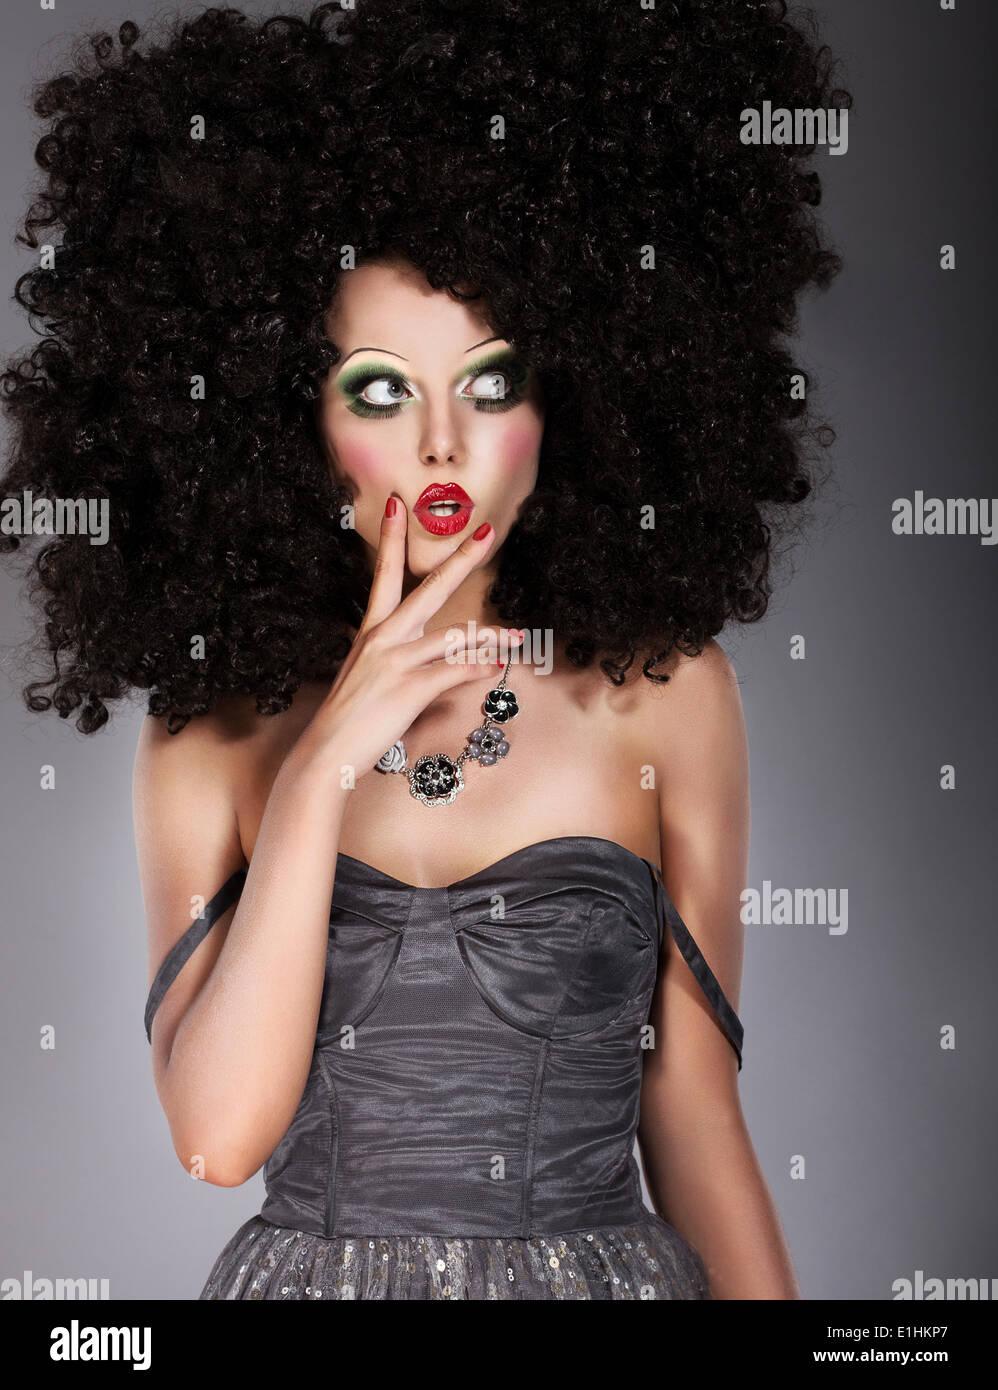 Vogue. Trendige Brünette in üppigen Kunst Perücke verzog das Gesicht. Kreativkonzept Stockbild